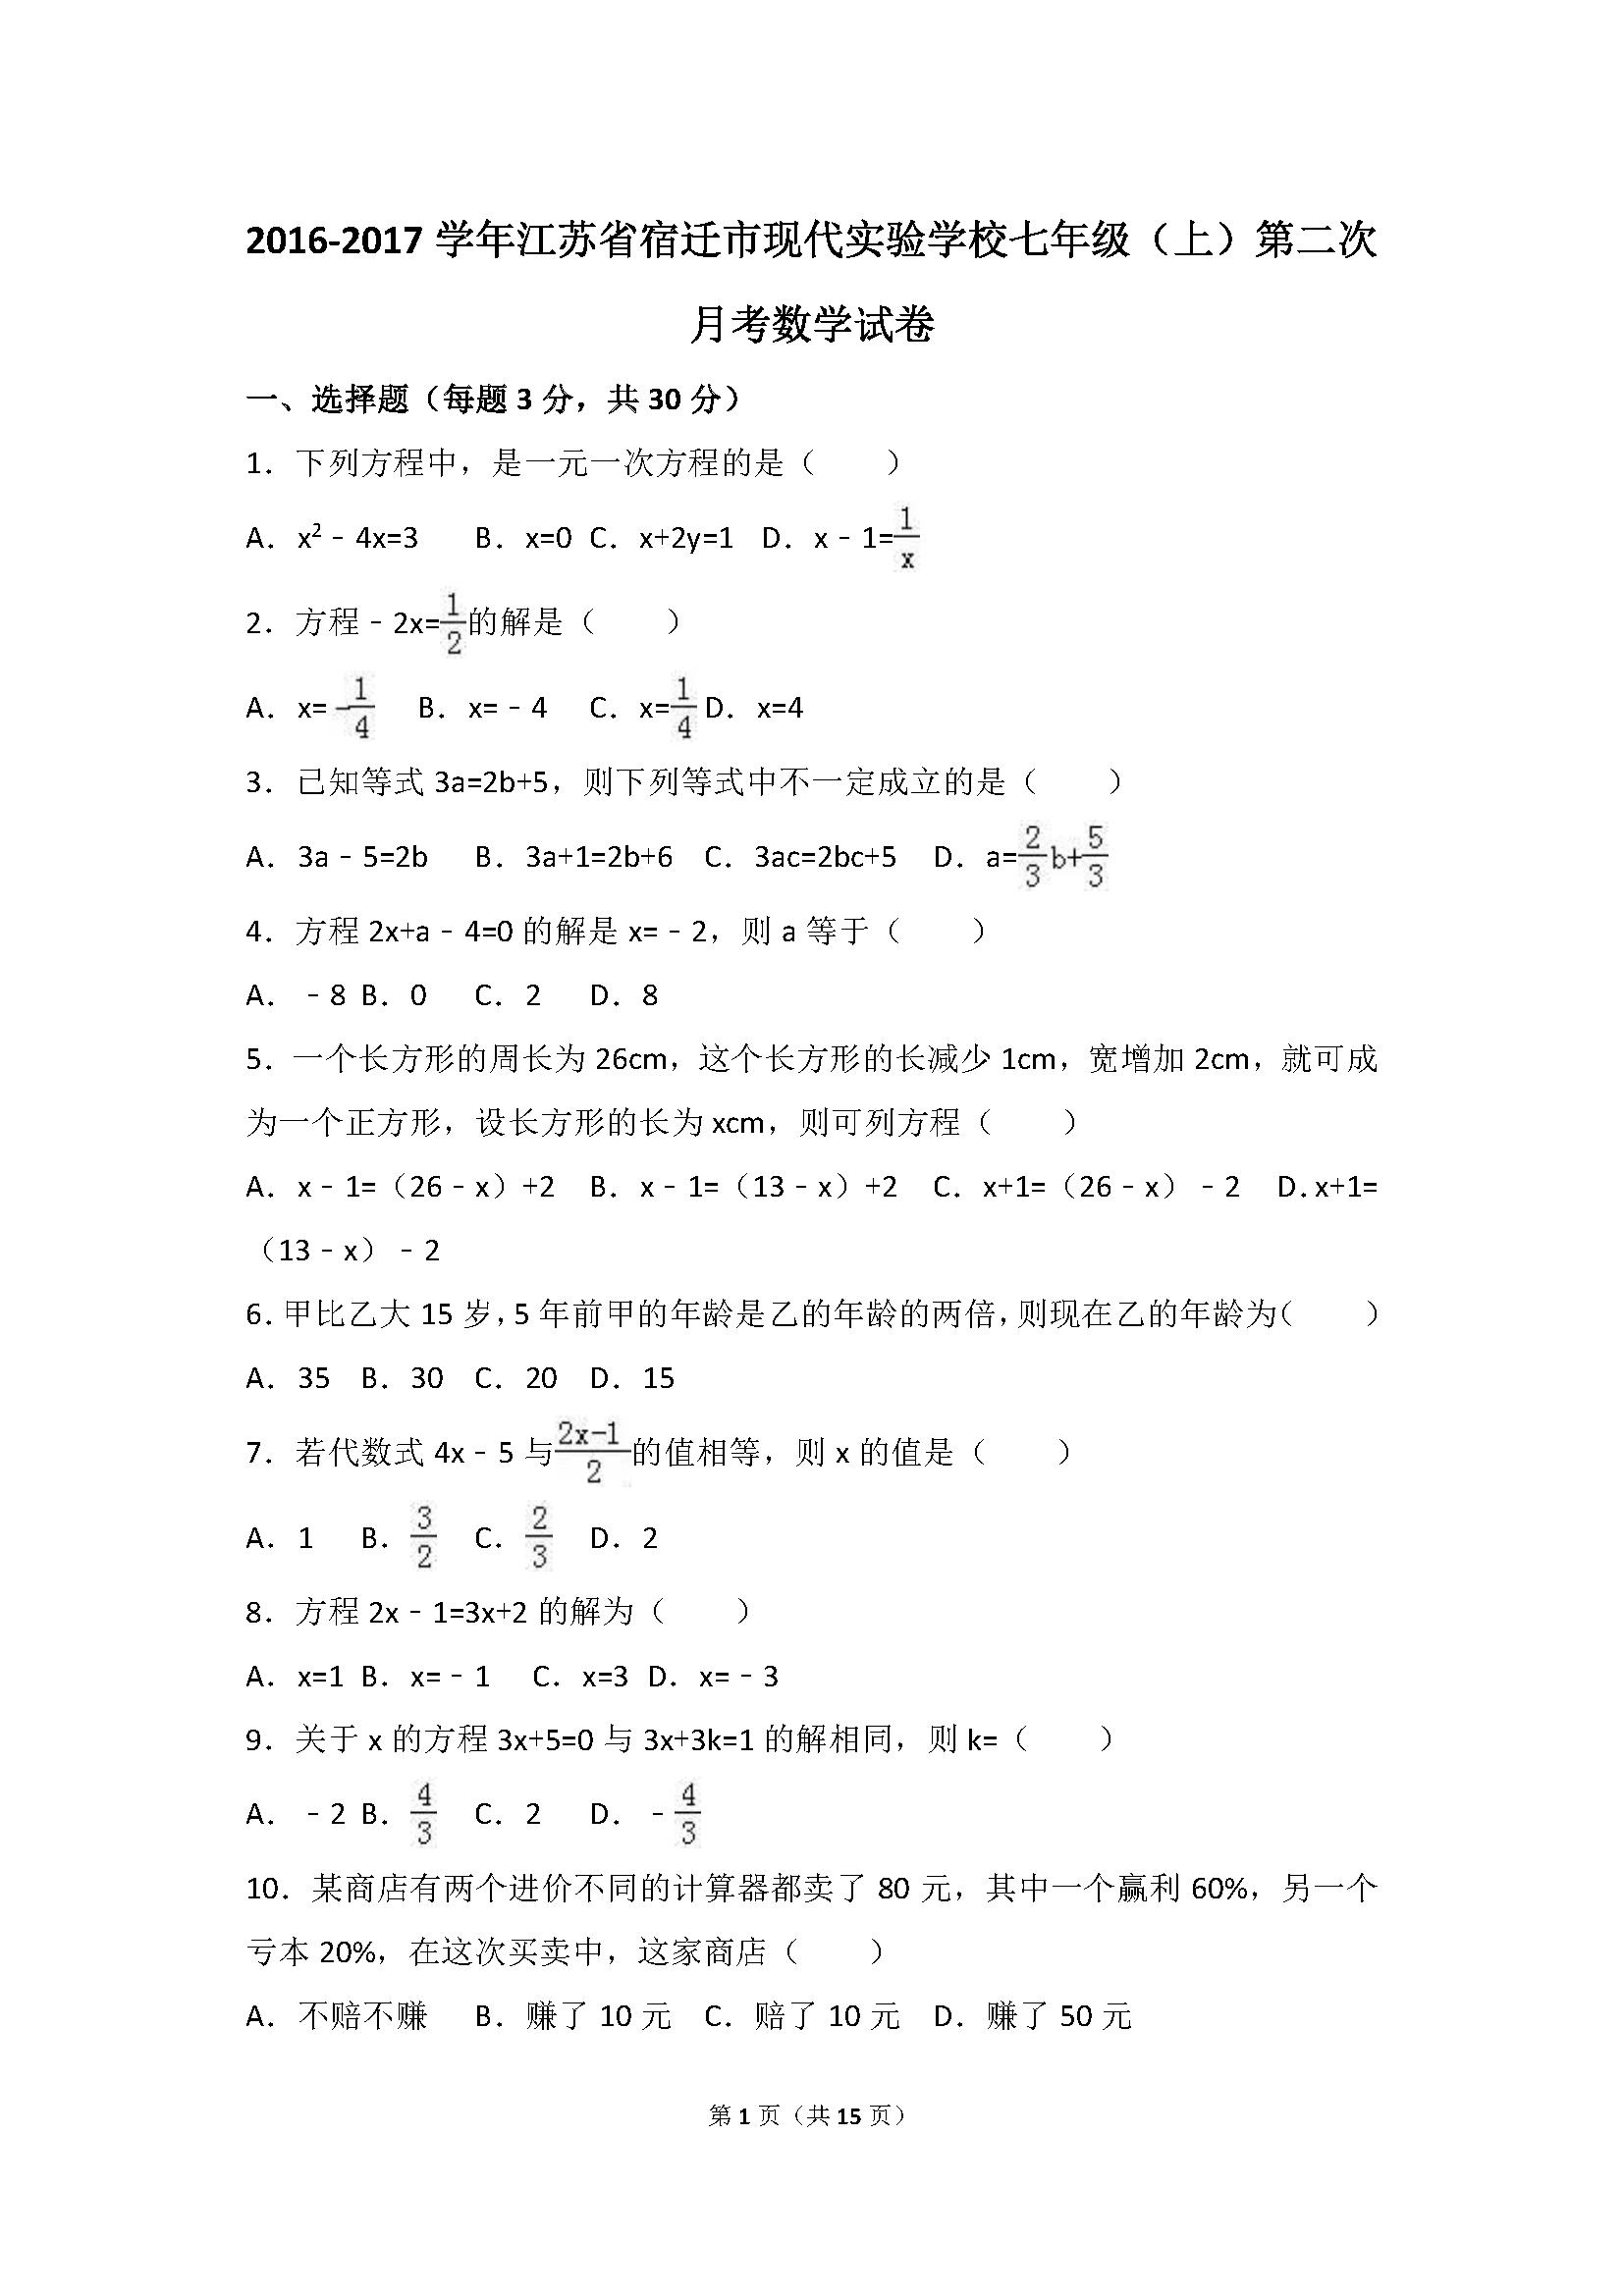 2017江苏宿迁七年级上第二次月考数学试卷(图片版)